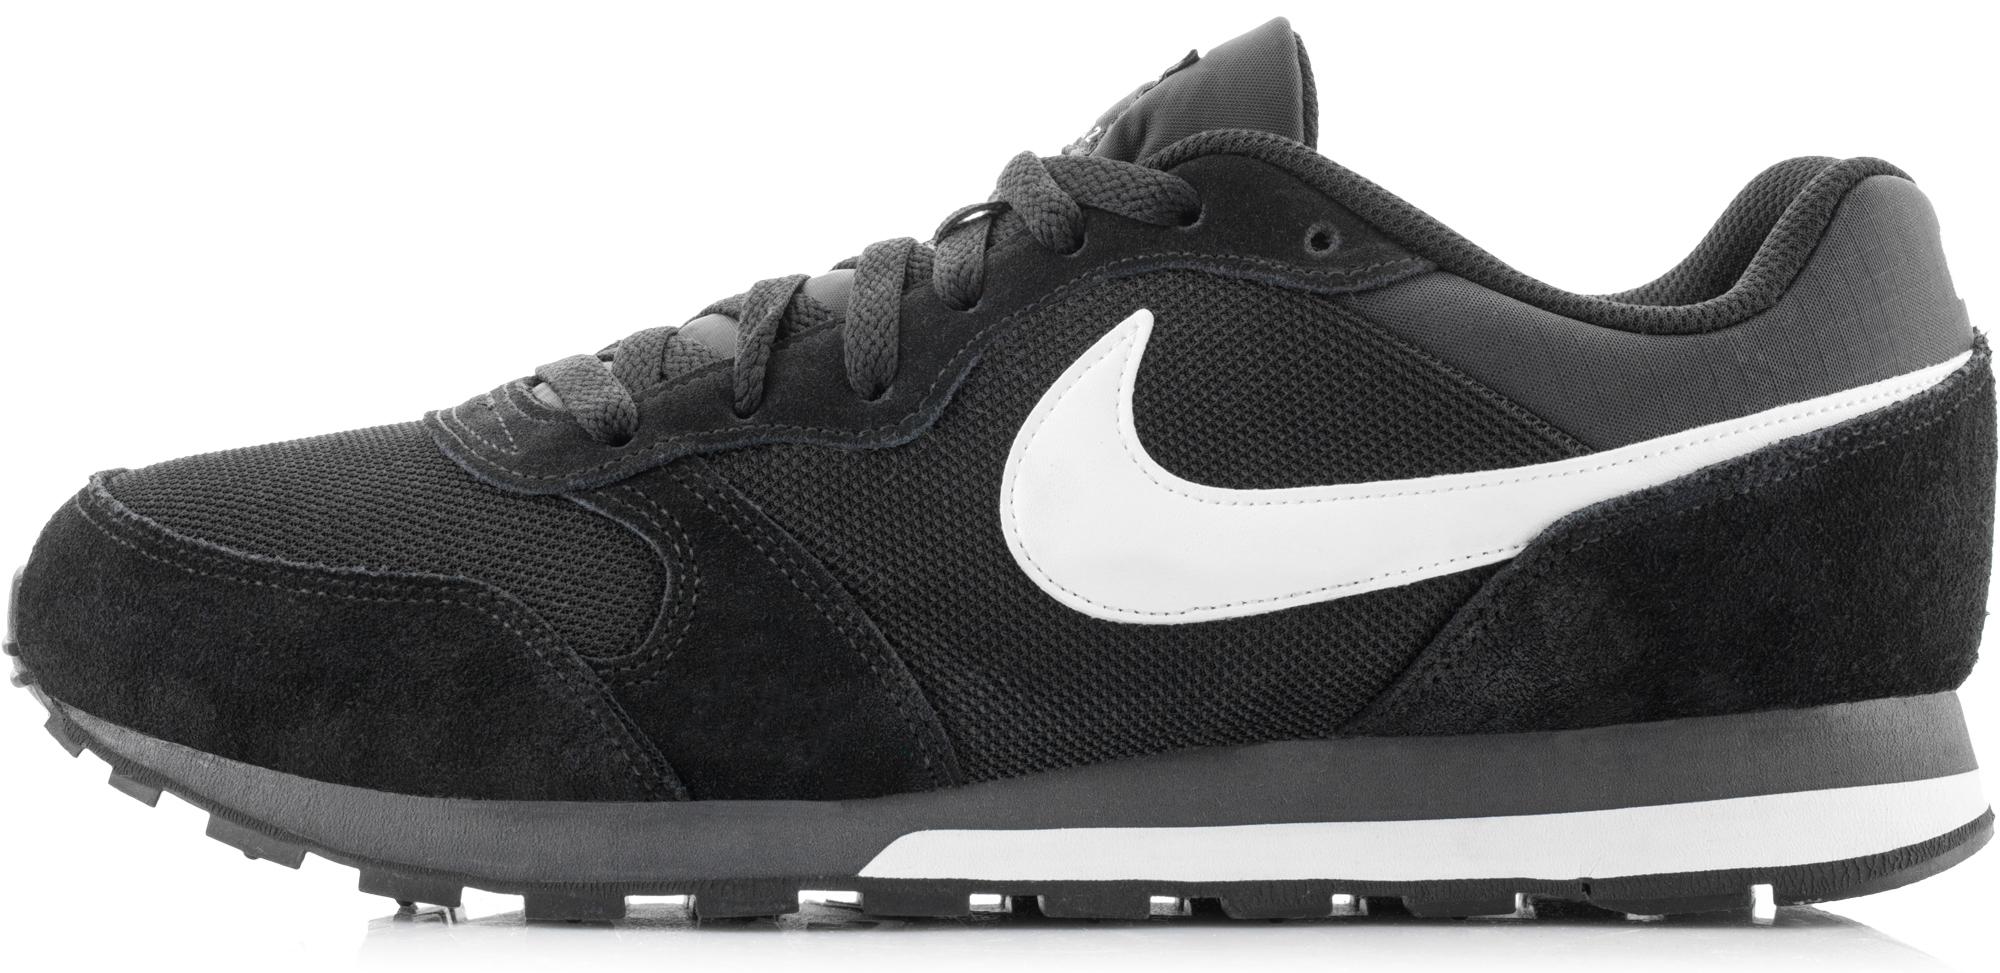 Nike Кроссовки мужские Nike MD Runner 2, размер 46.5